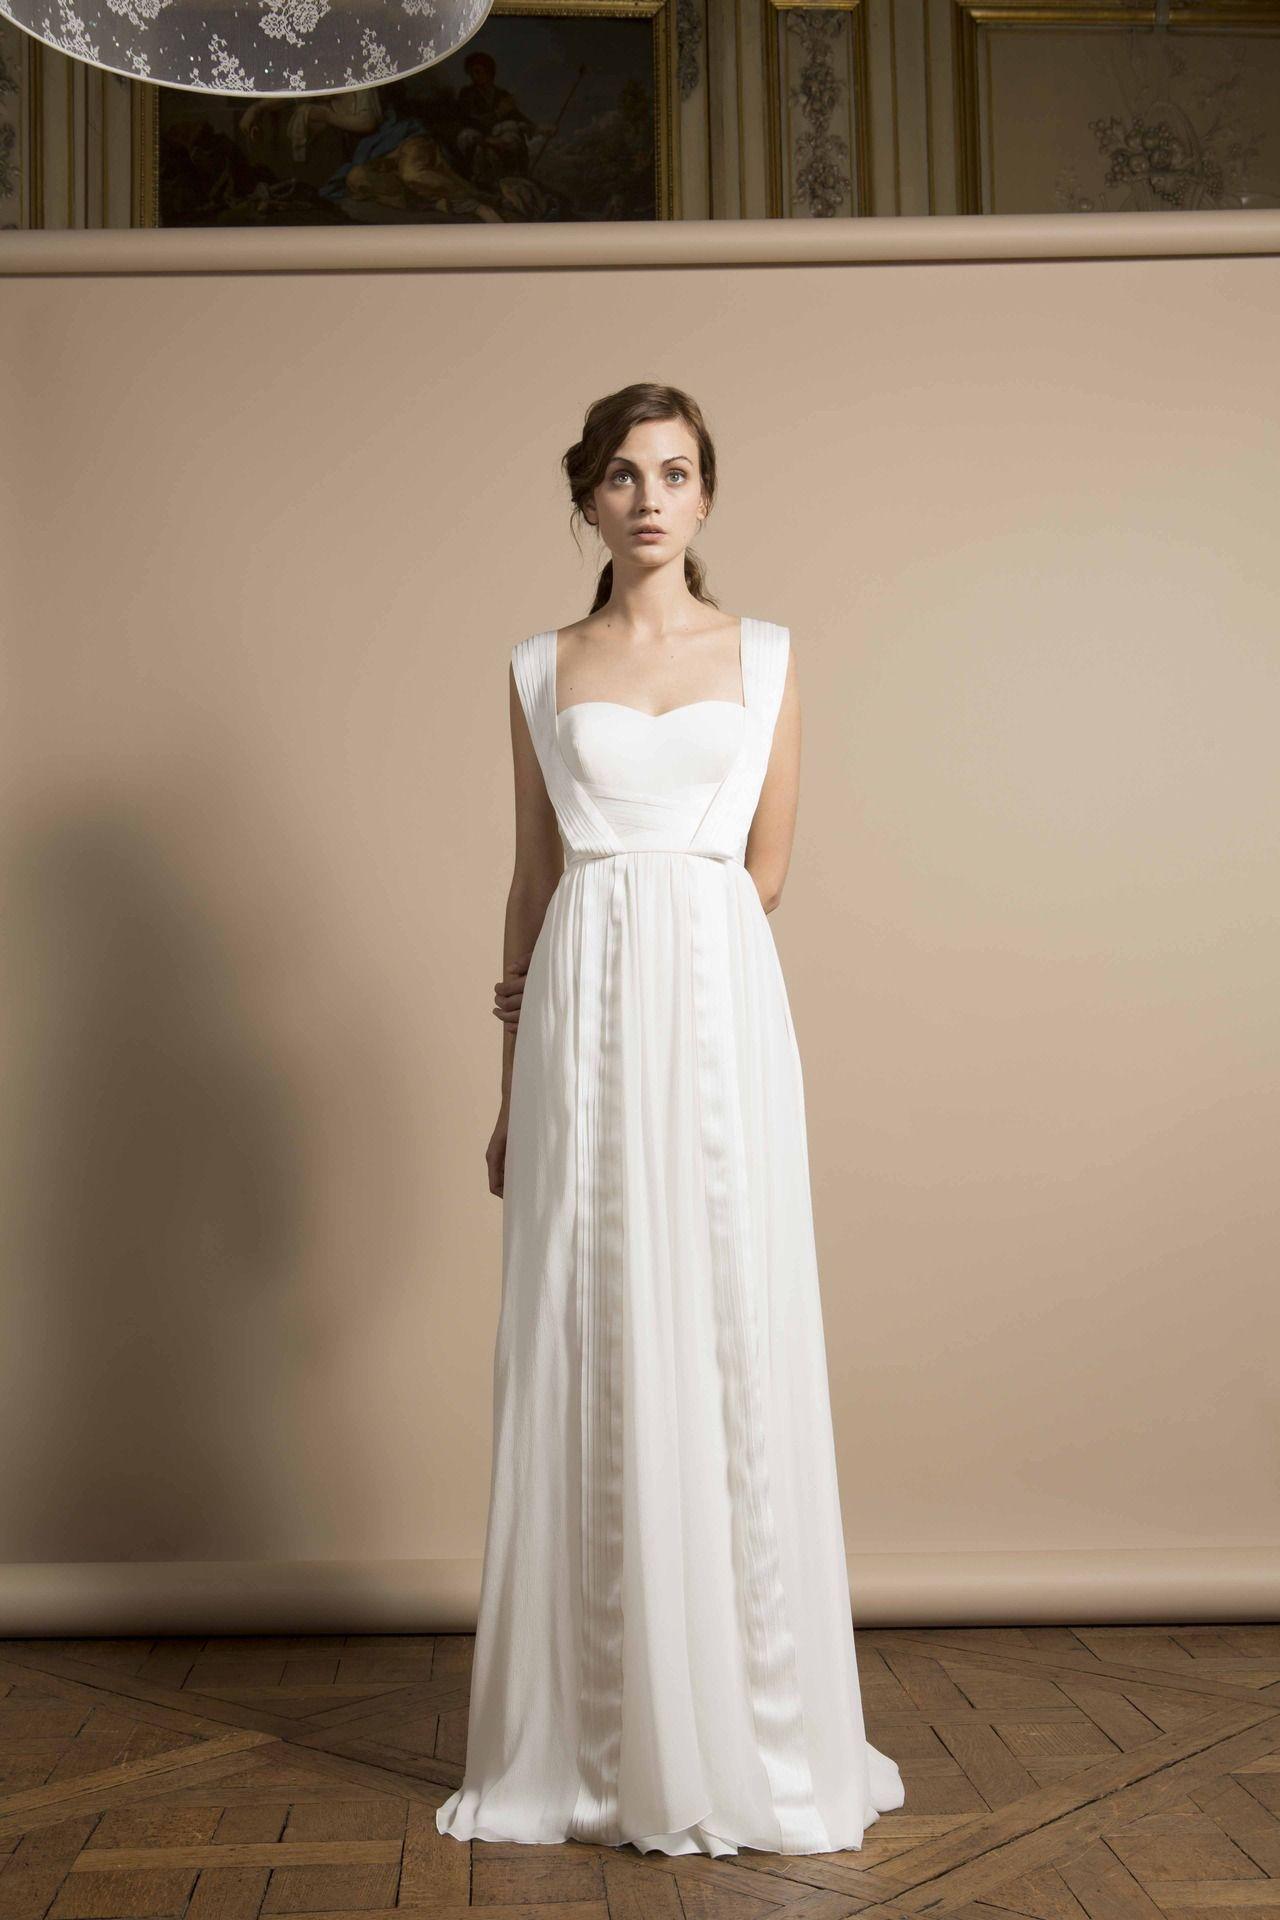 Robe Eugene, Delphine Manivet | mode | Pinterest | Hochzeitskleid